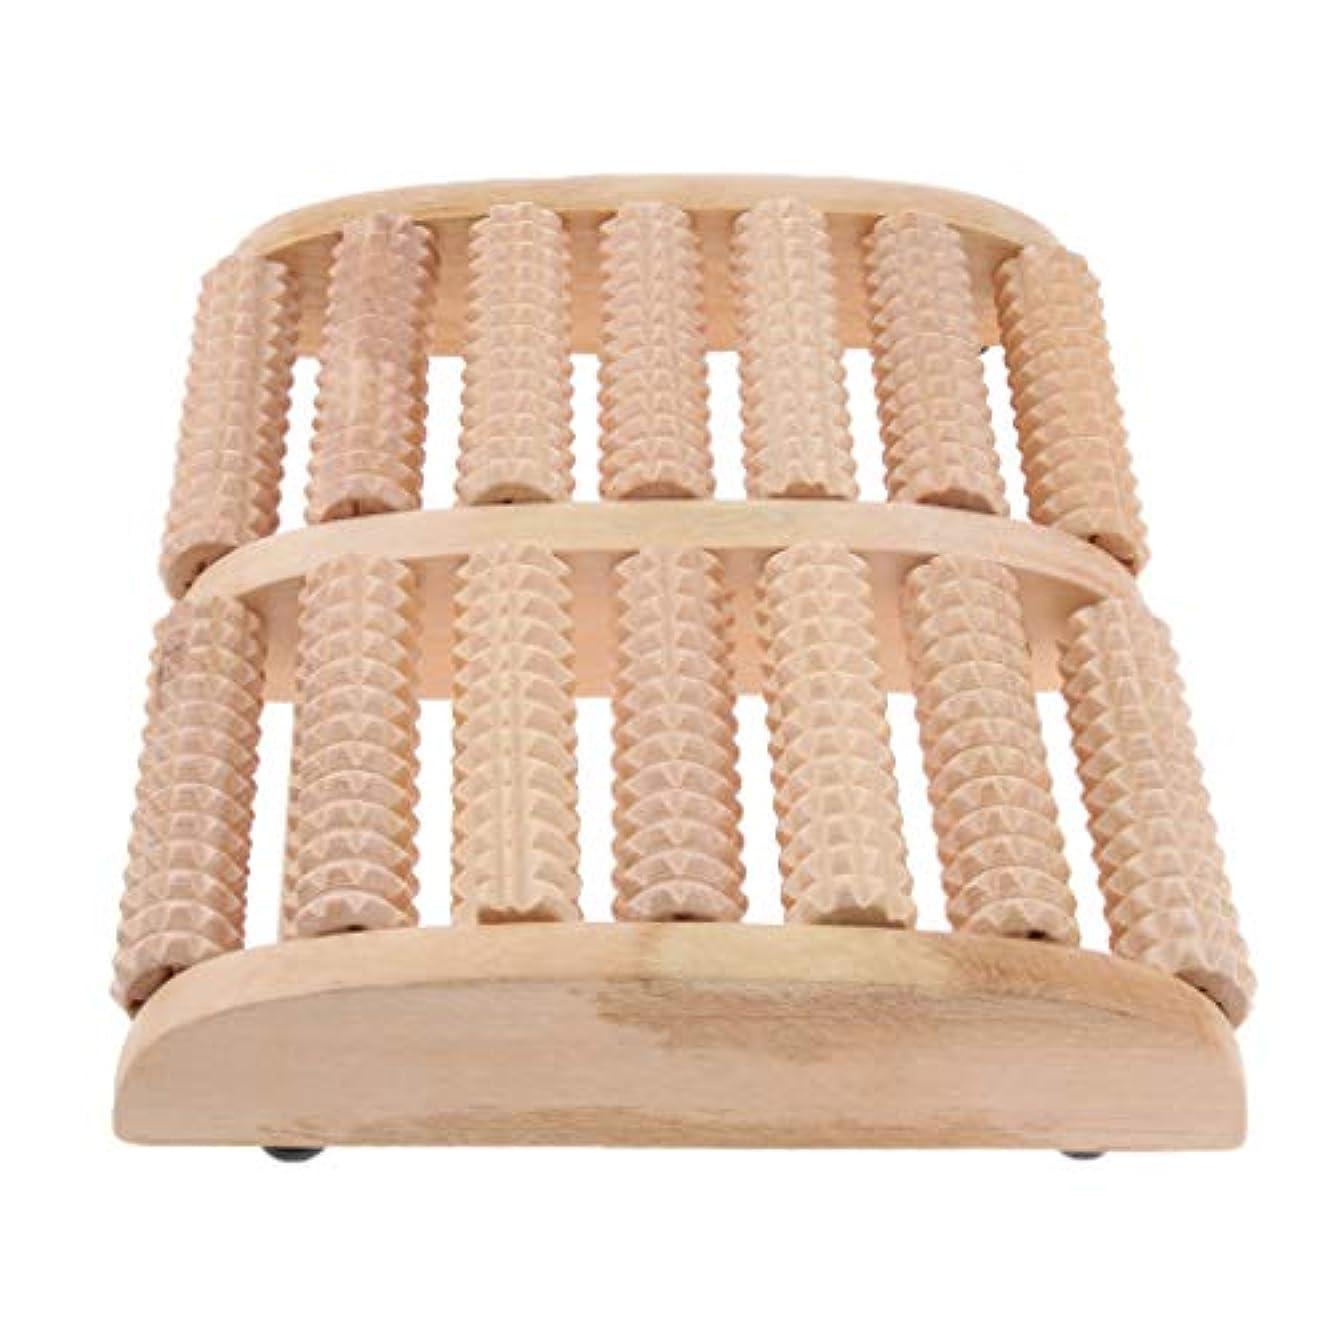 あさりもう一度つなぐIPOTCH マッサージローラー 7行 自然木製 足踏み フットマッサージ ツボ押し 痛み緩和 健康器具 高品質